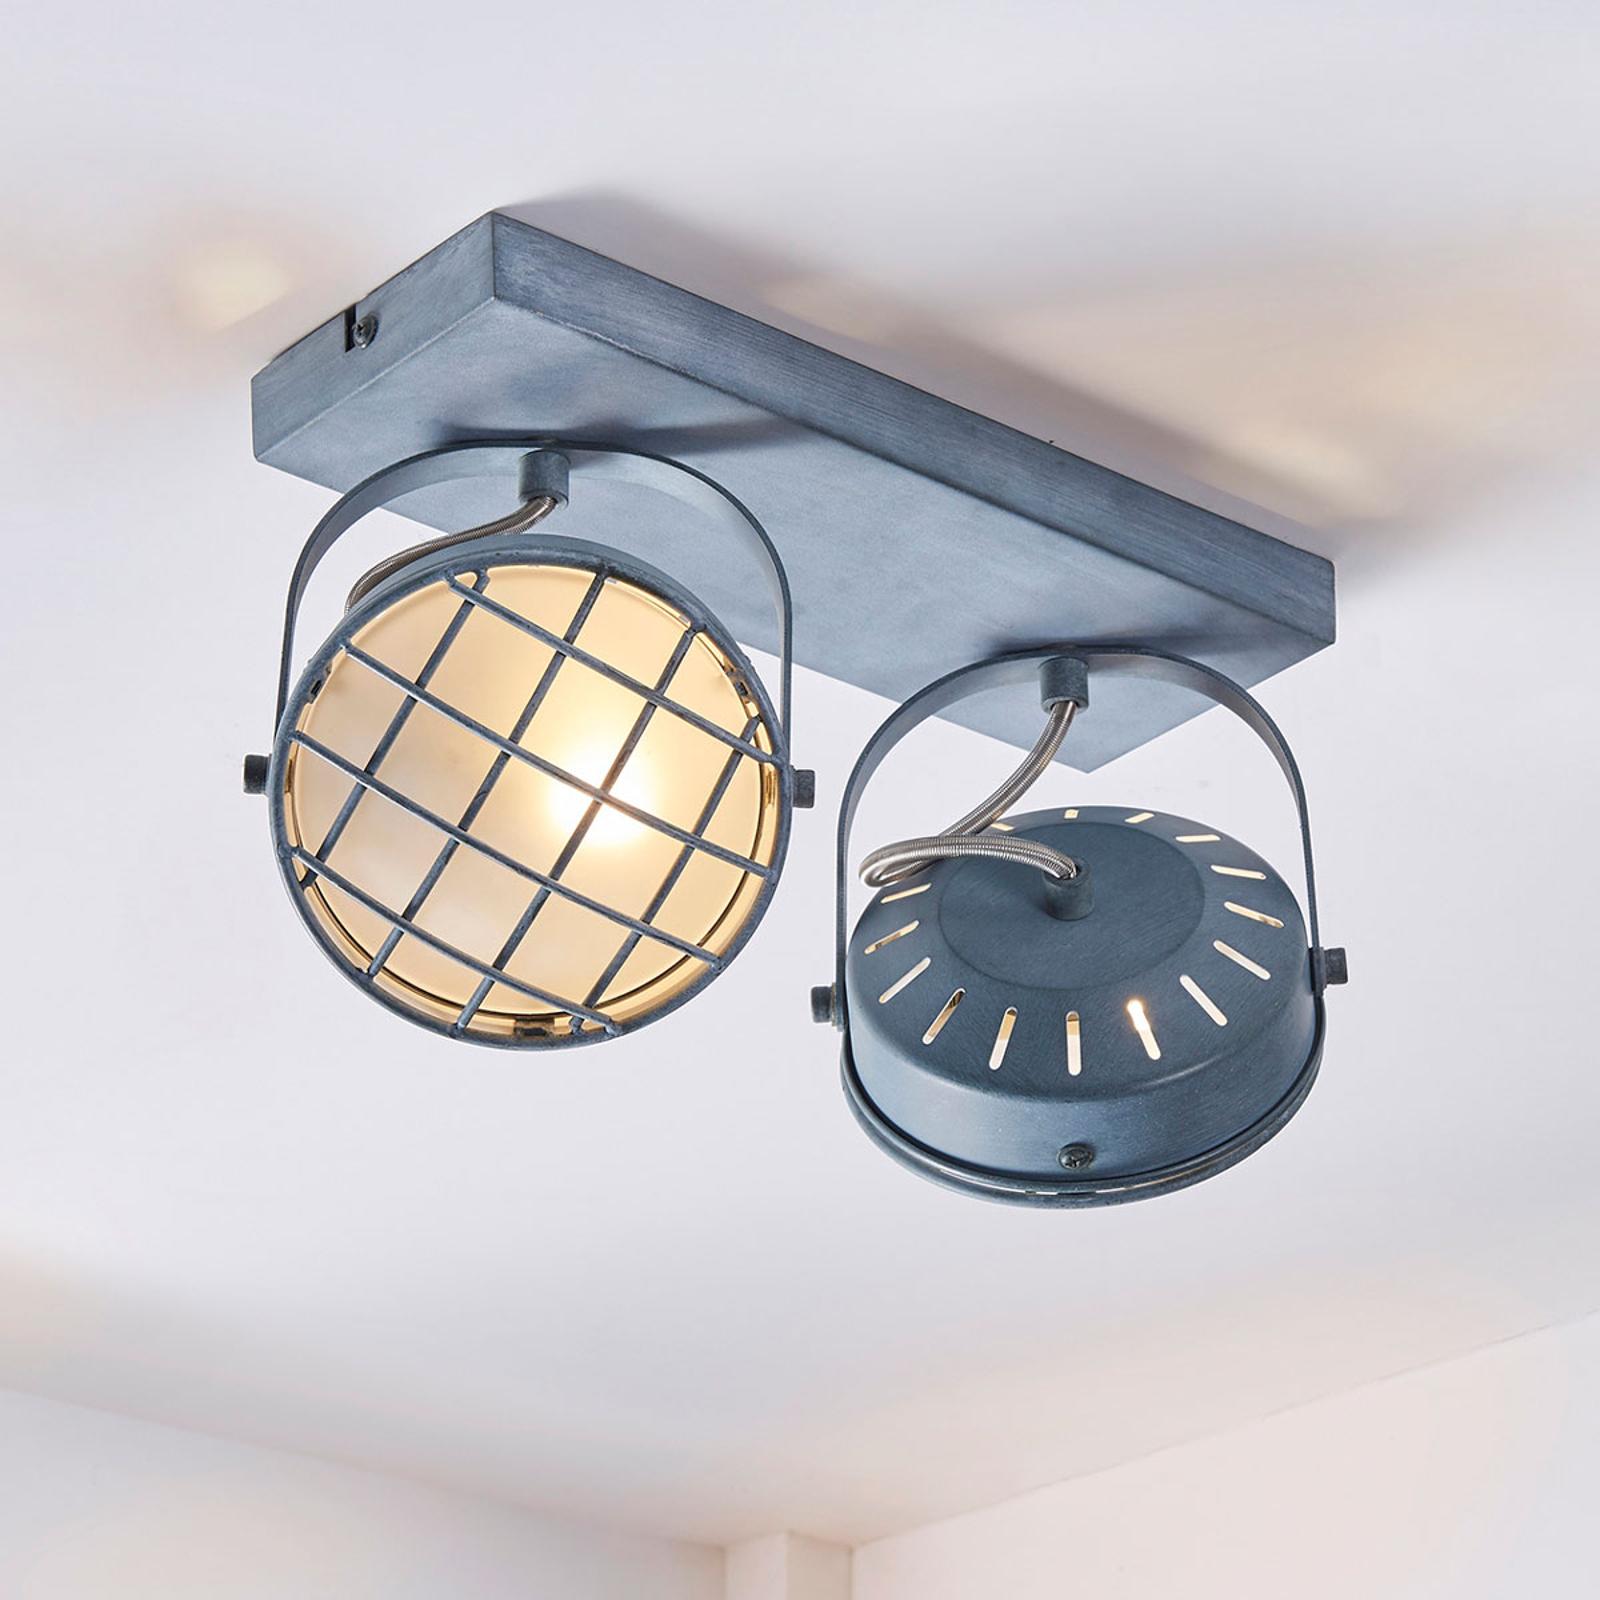 LED loftlampe Tamin med 2 lyskilder, røggrå